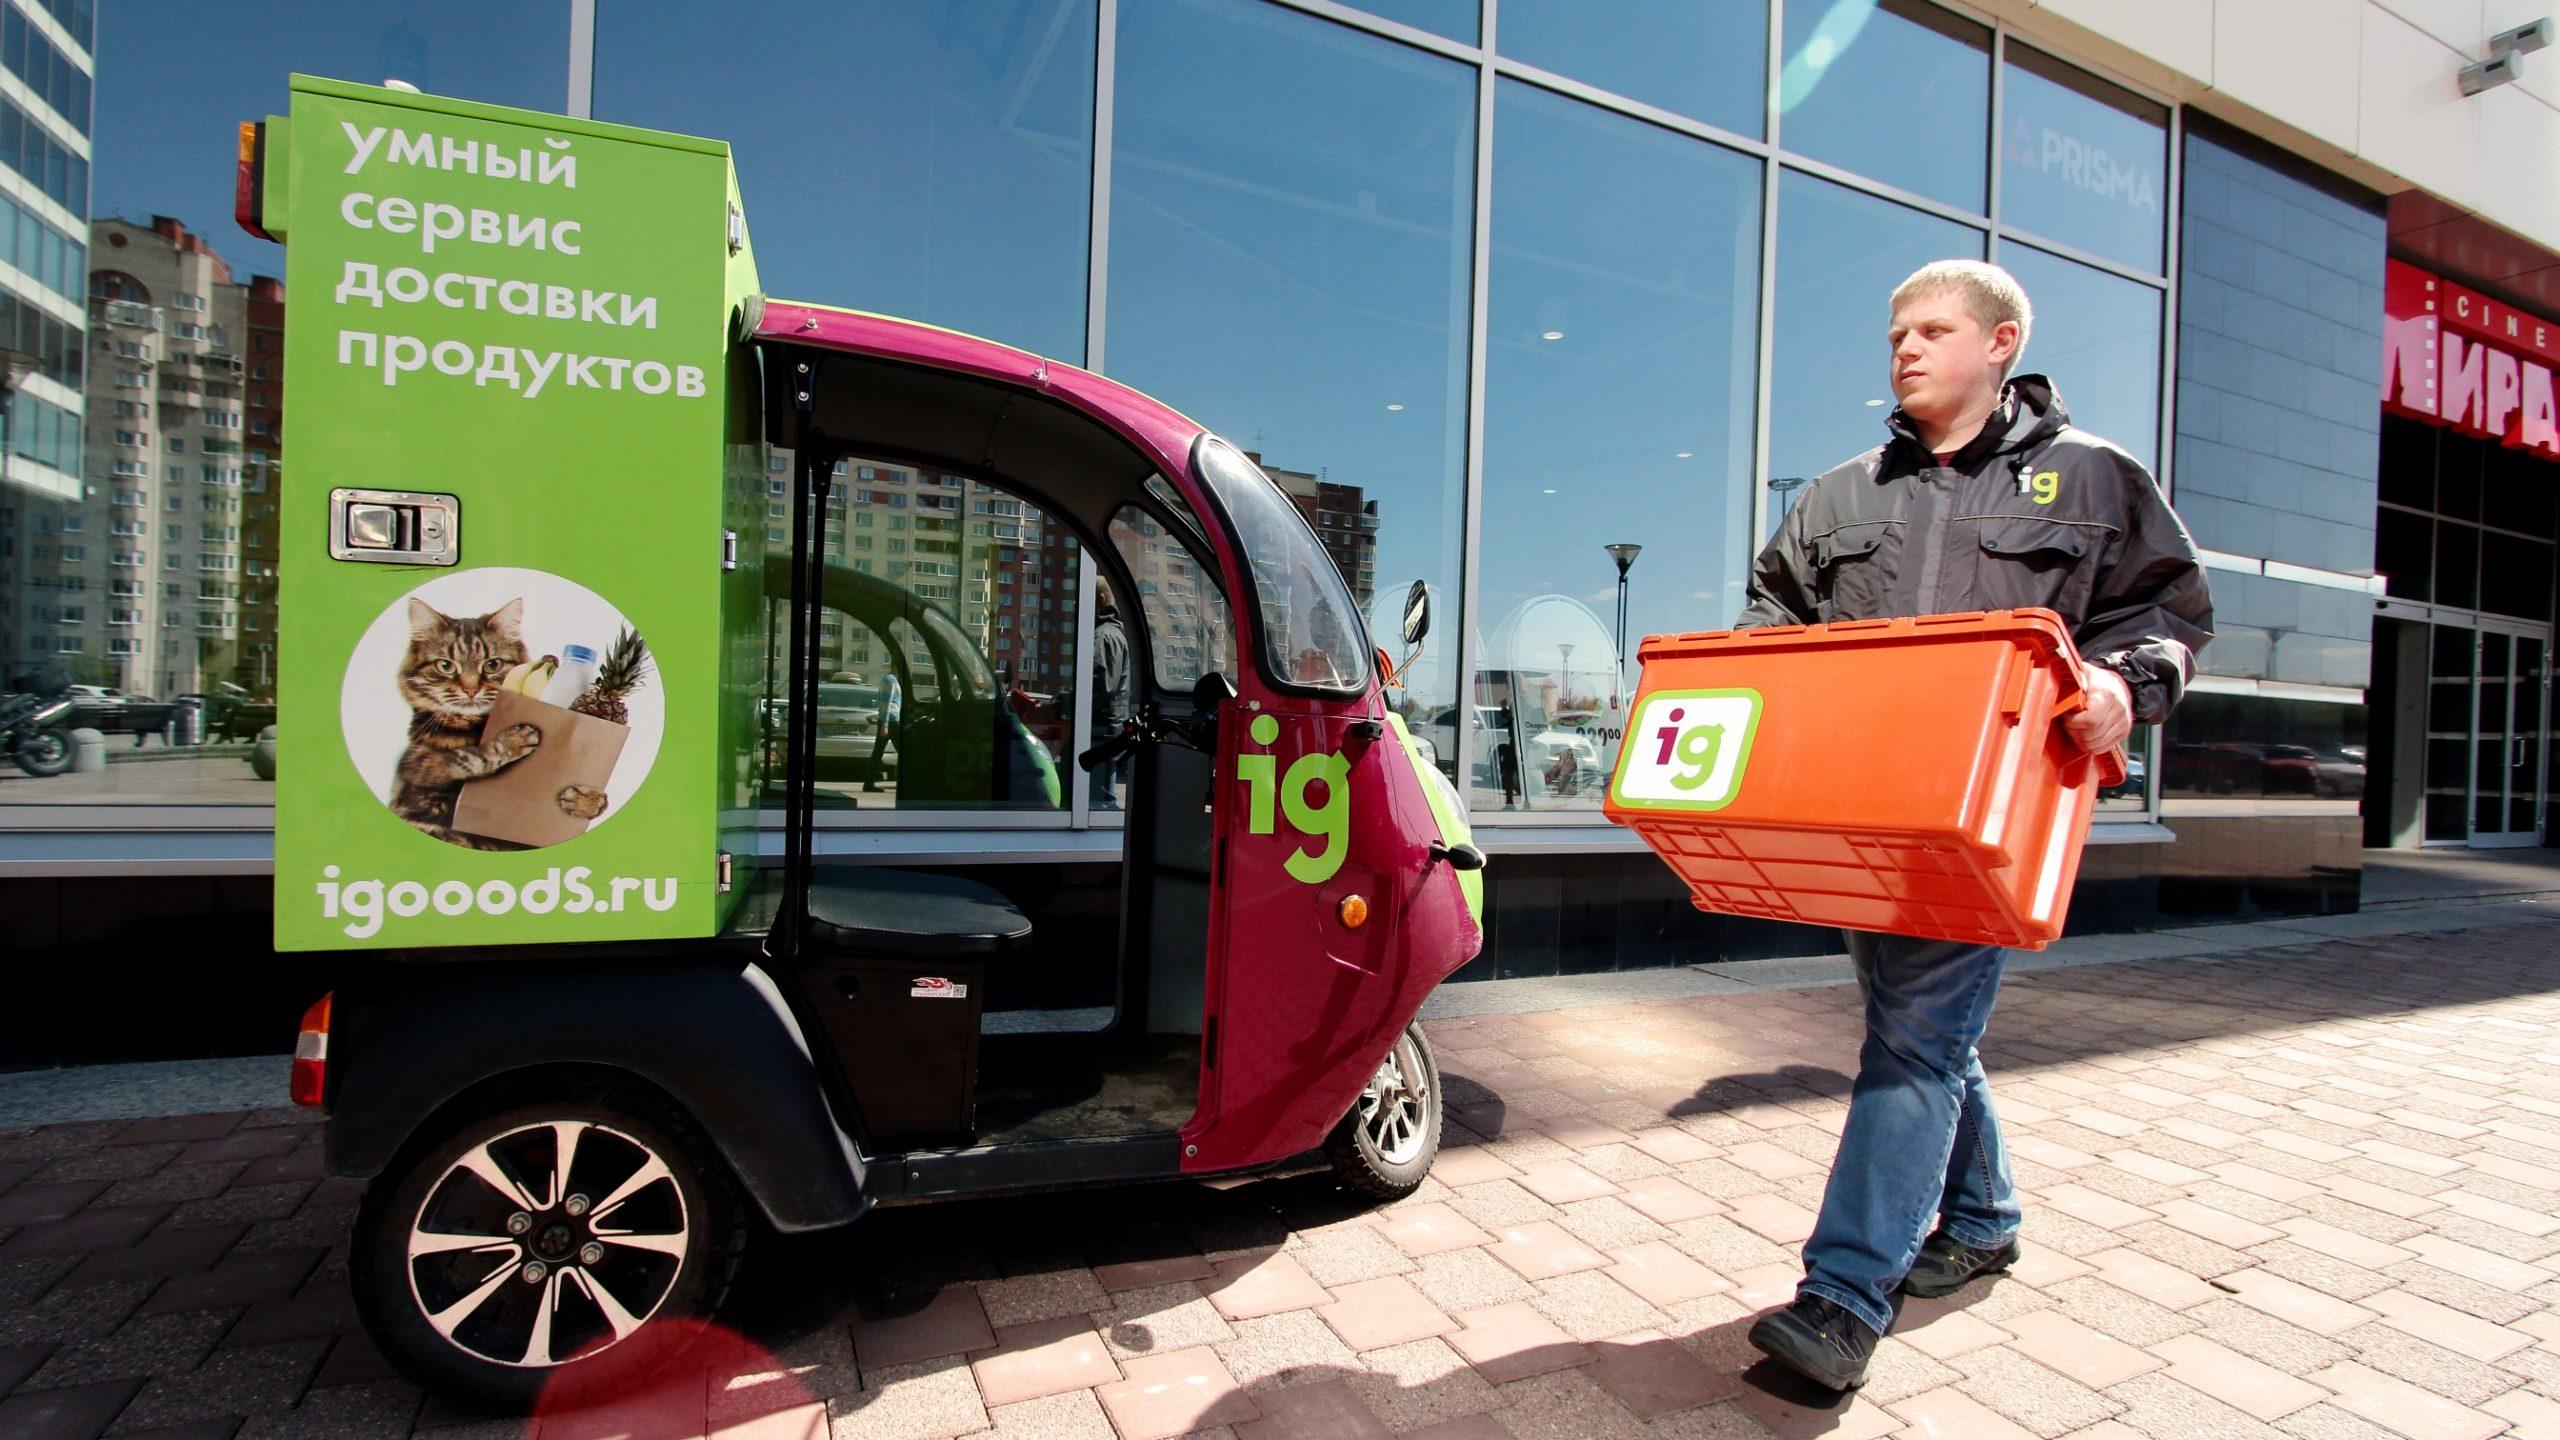 Сервис доставки iGooods начинает работу в Твери